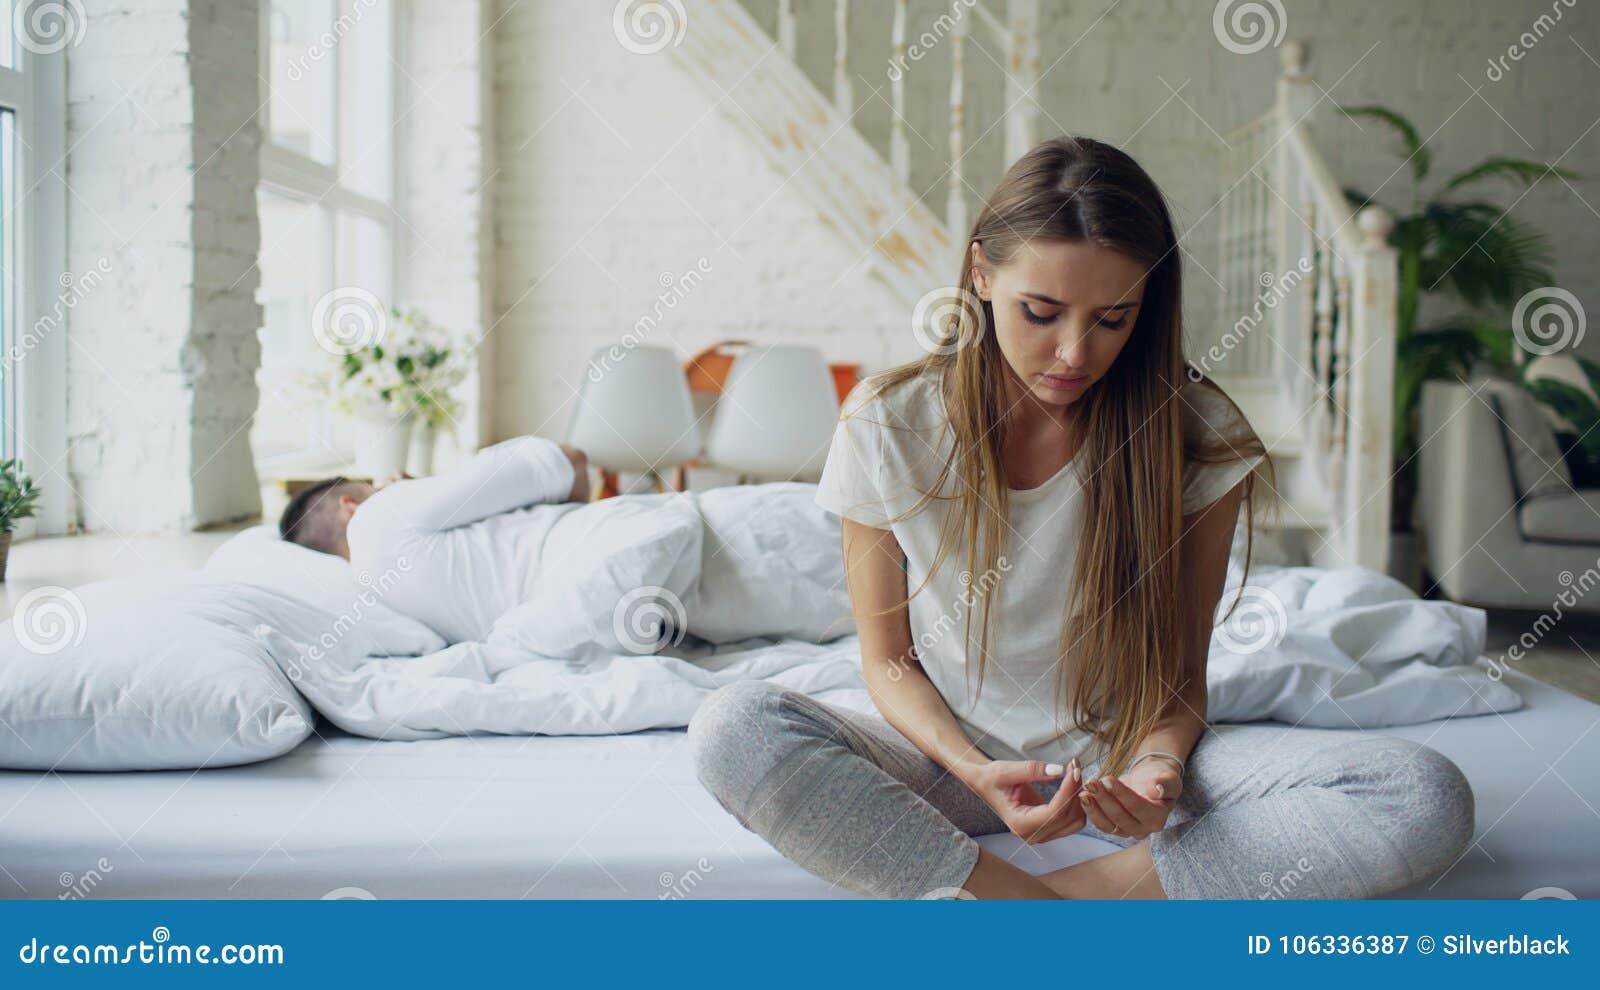 Καταθλιπτική νέα συνεδρίαση γυναικών στο κρεβάτι και να φωνάξει ενώ το boylfriend της που βρίσκεται στο κρεβάτι στο σπίτι